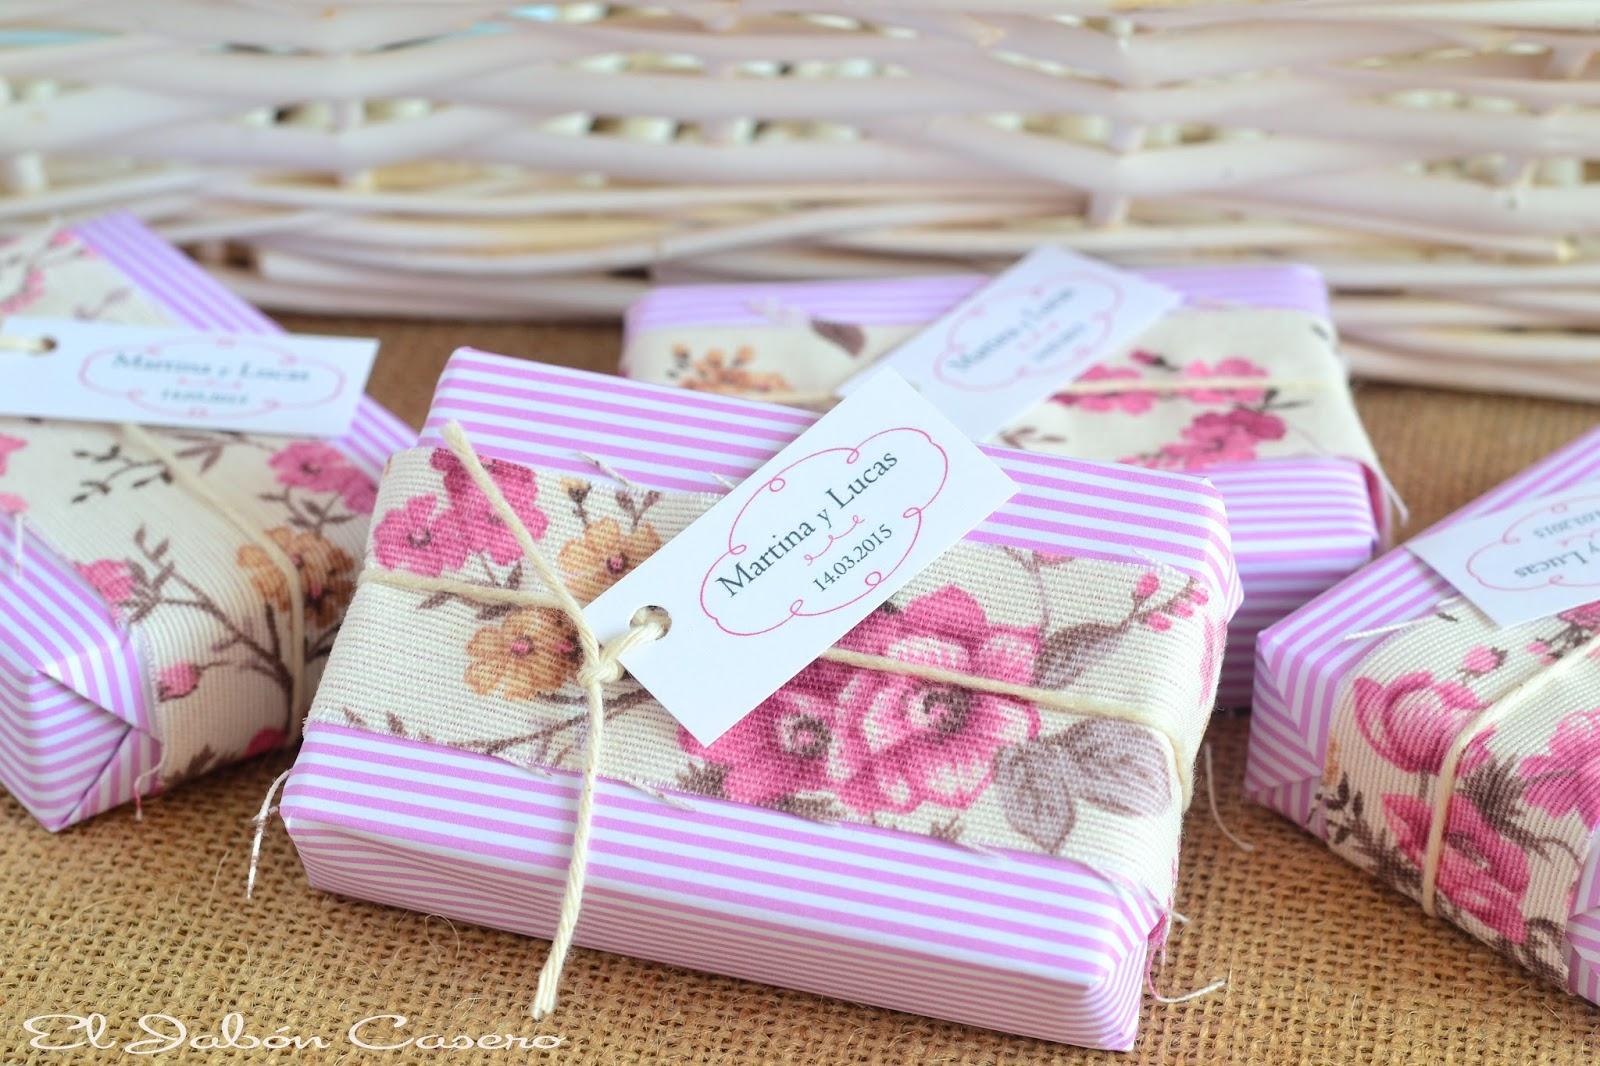 detalles de boda para ellas jabones decorados en color rosa y blanco